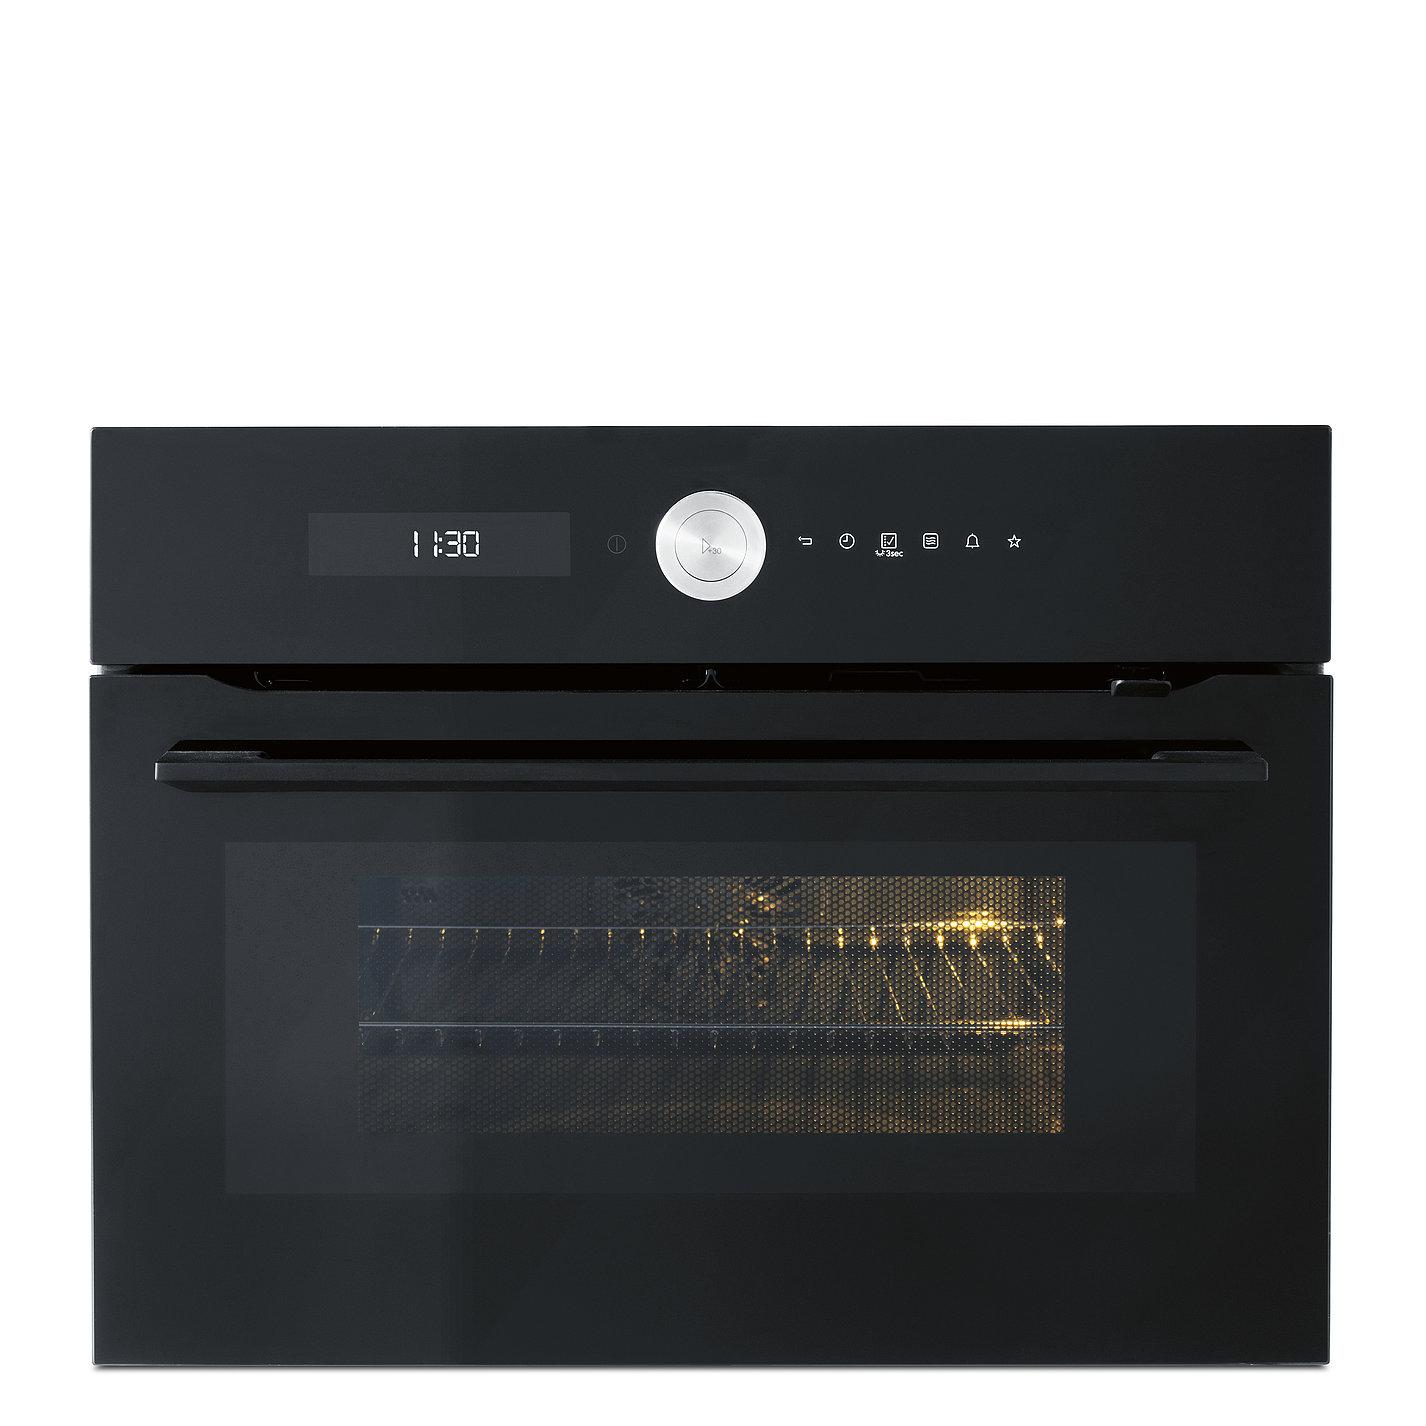 FINSMAKARE Combi Oven Microwave   Red Dot Design Award